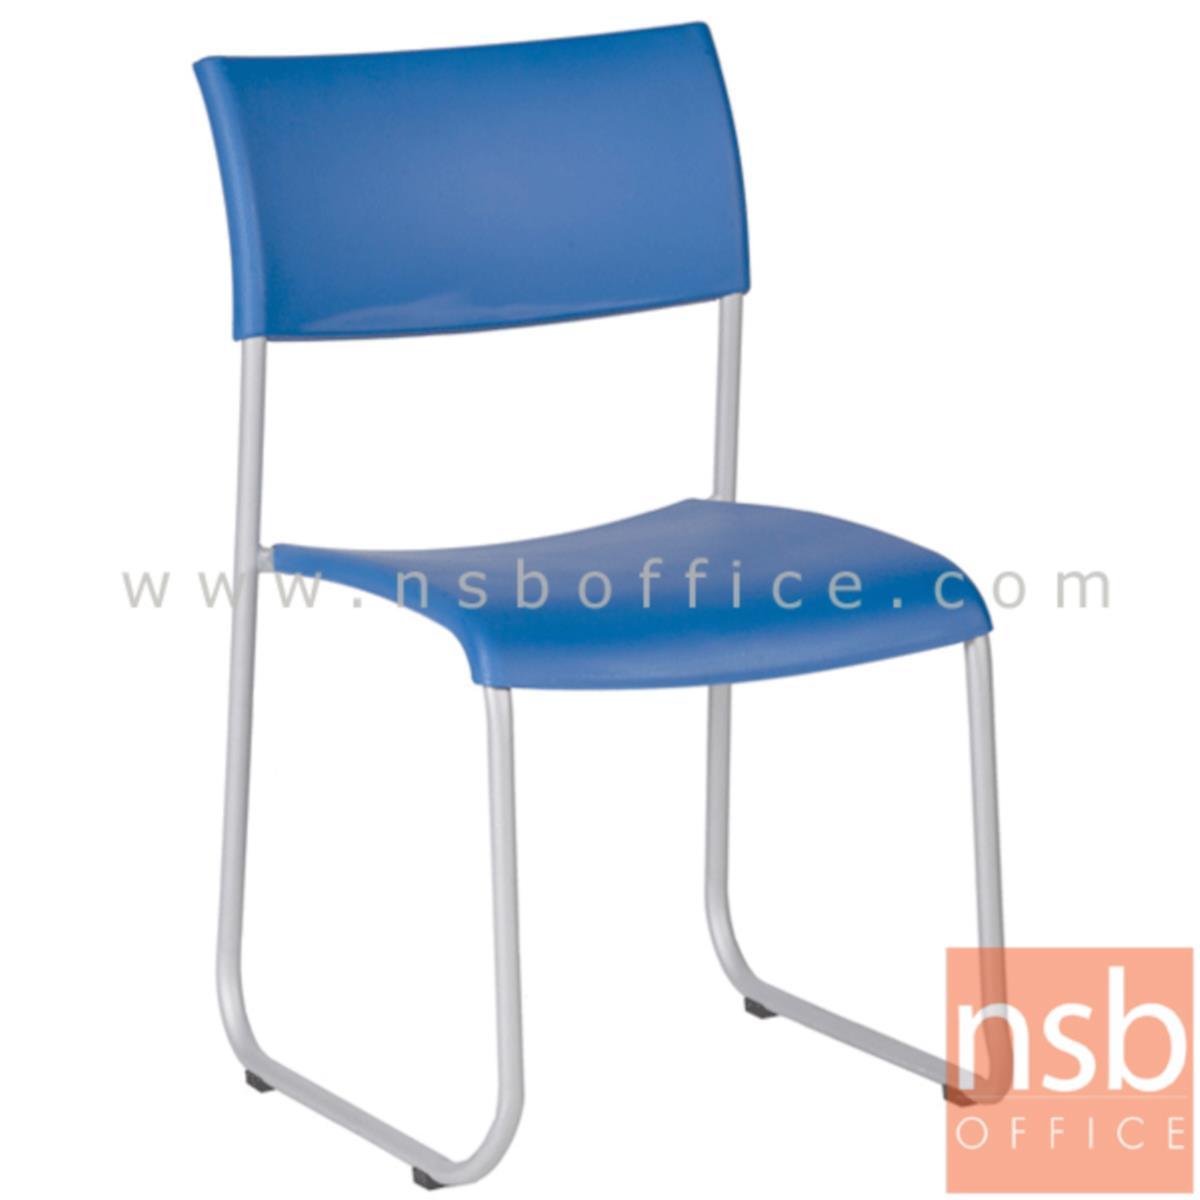 B05A058:เก้าอี้อเนกประสงค์เฟรมโพลี่ รุ่น B718  ขาเหล็กตัวยูพ่นสีเทา